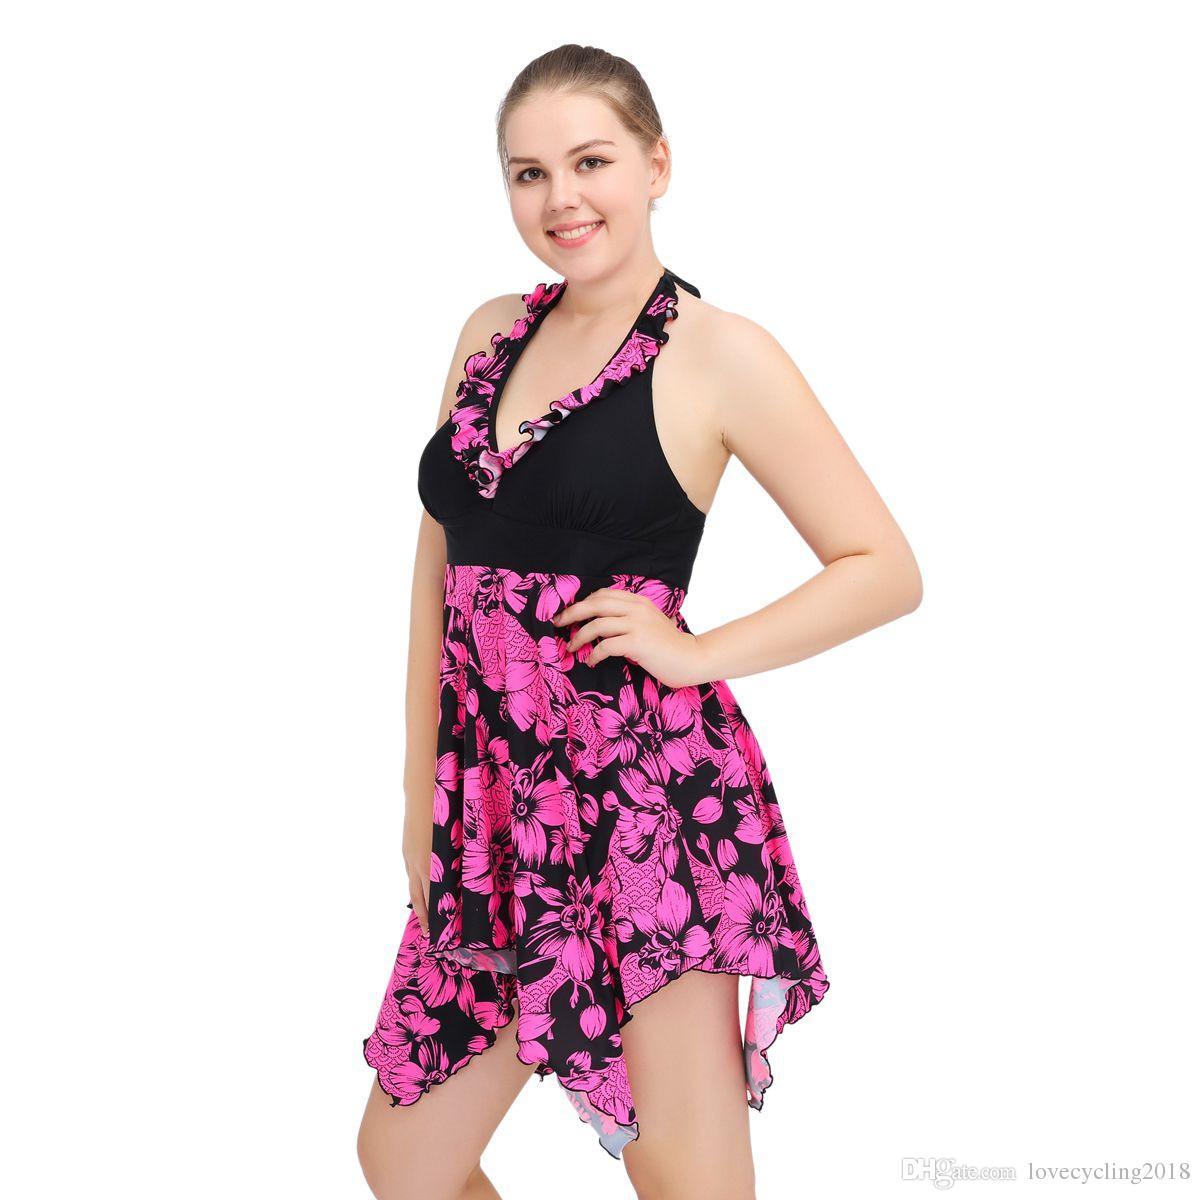 6c7fd16b364 Satın Al Yeni Yaz Plaj Kıyafeti Purole Çiçekler Moda Mayo Yüksek Kalite  Kadınlar Su Sporları Mayo Şeritler Göğüs Iki Parça Ile Suits, $25.33 |  DHgate.Com'da